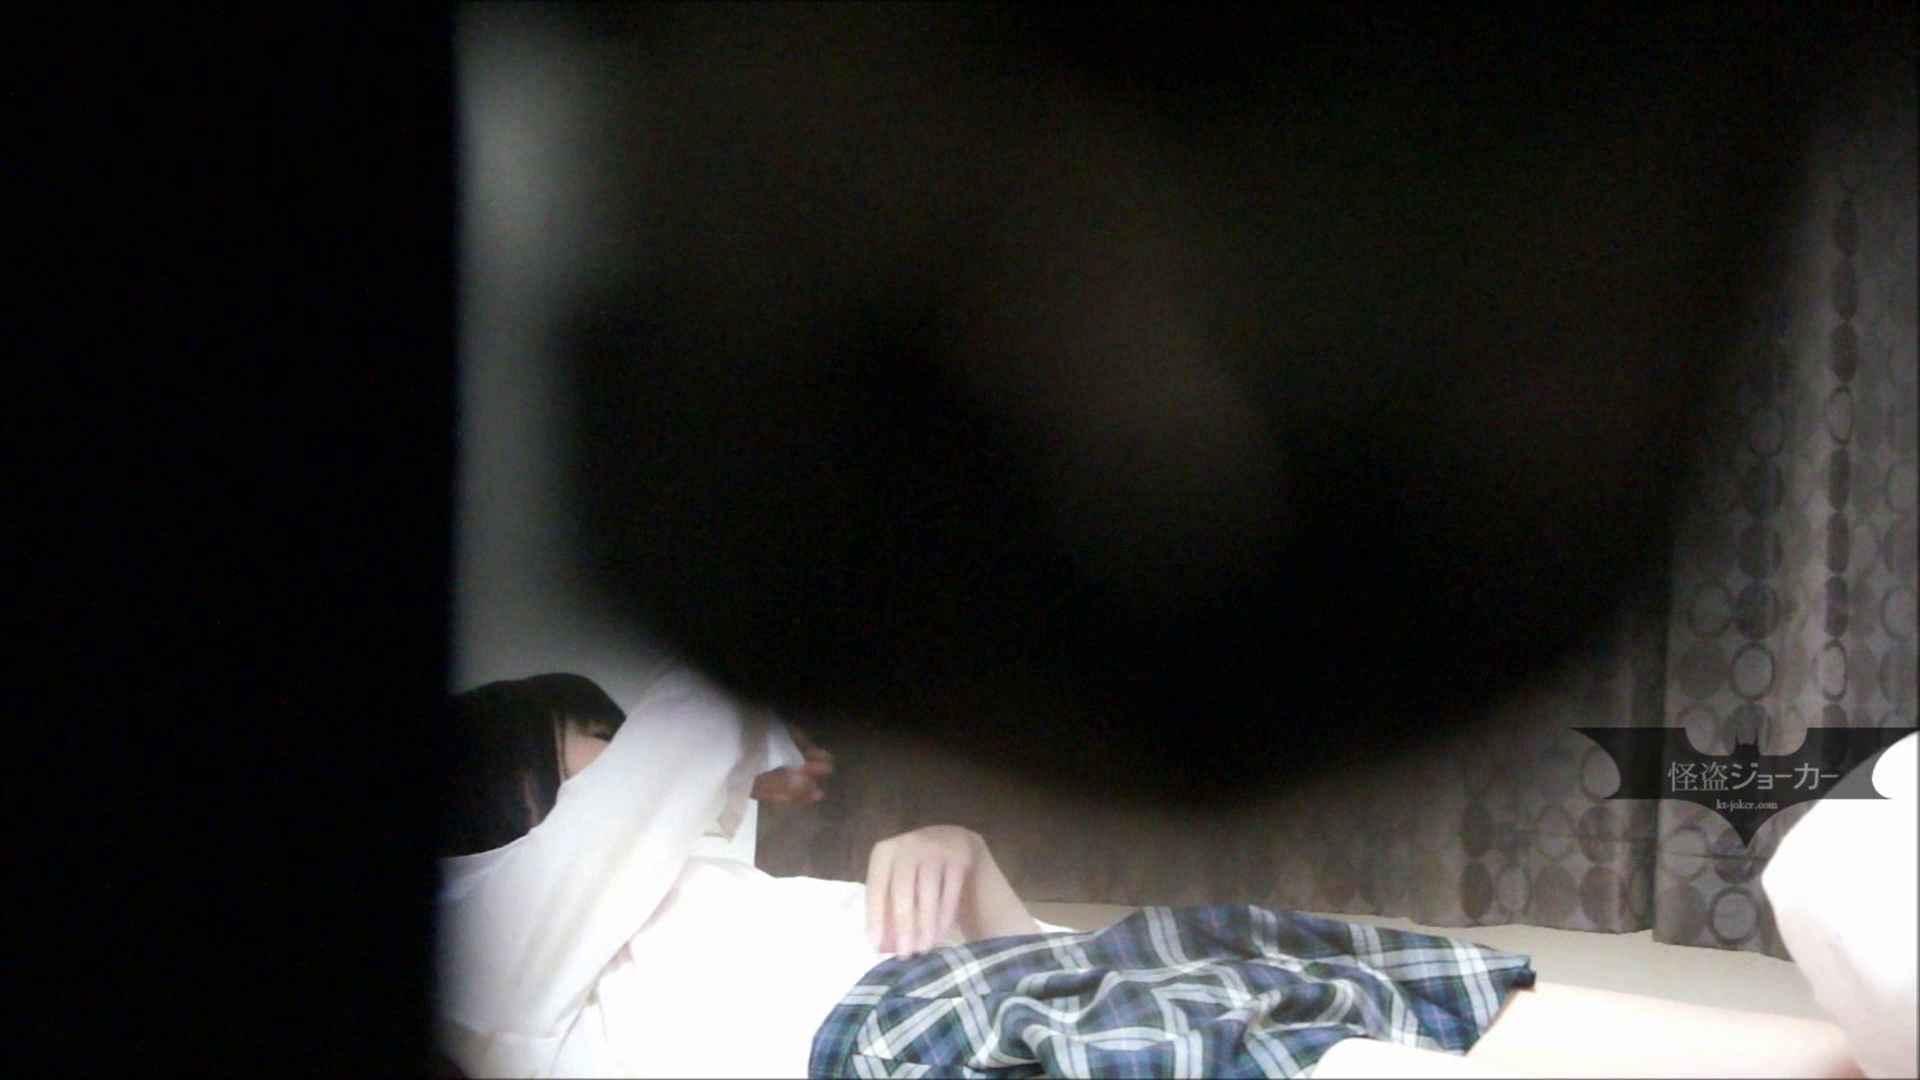 【未公開】vol.54【小春】脱衣所とオナニー隠し撮り オナニー  92pic 15